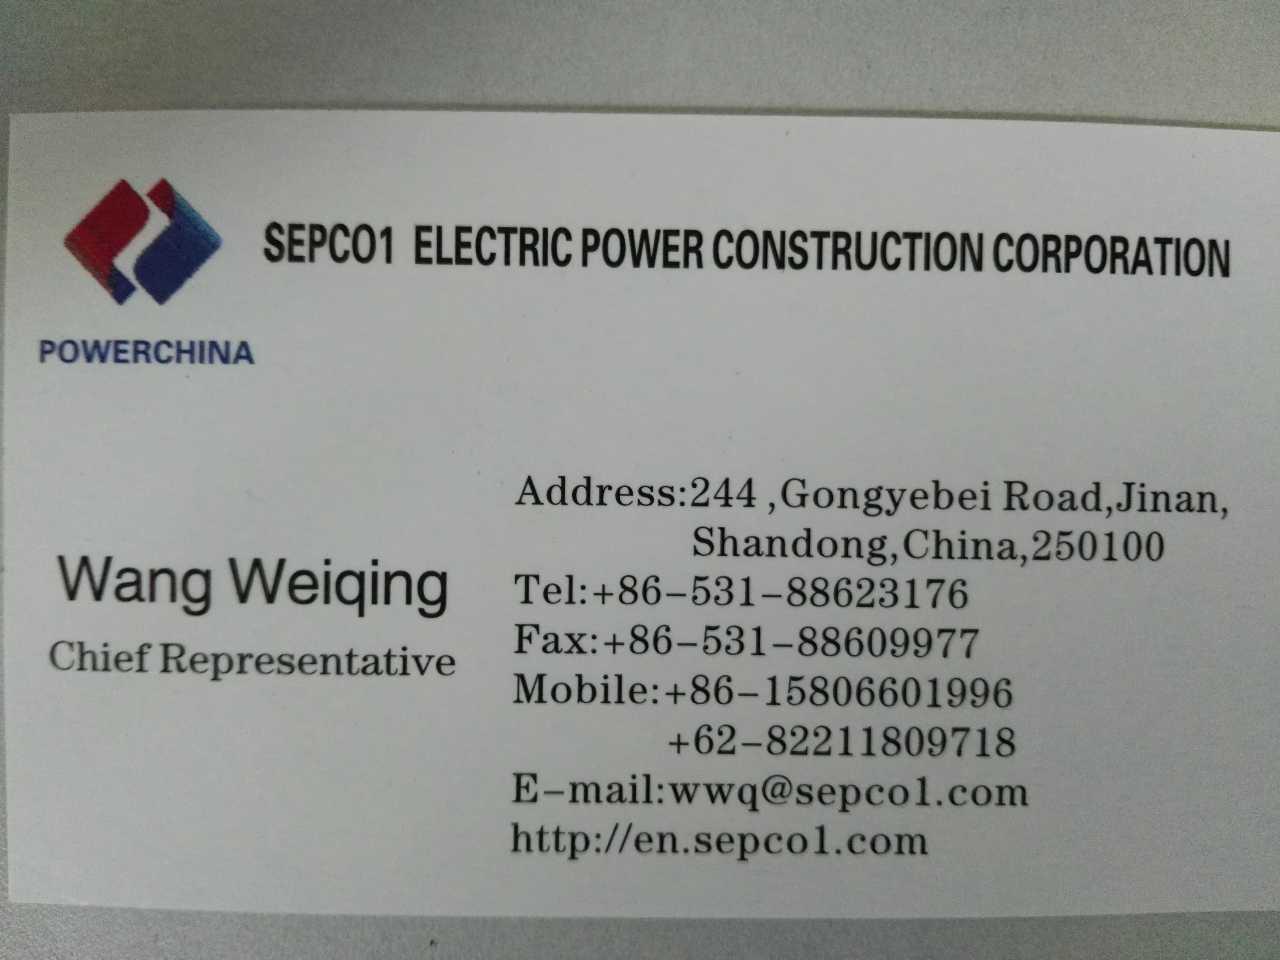 来自王伟庆发布的商务合作信息:印尼电力工程项目合作... - 山东电力建设第一工程公司